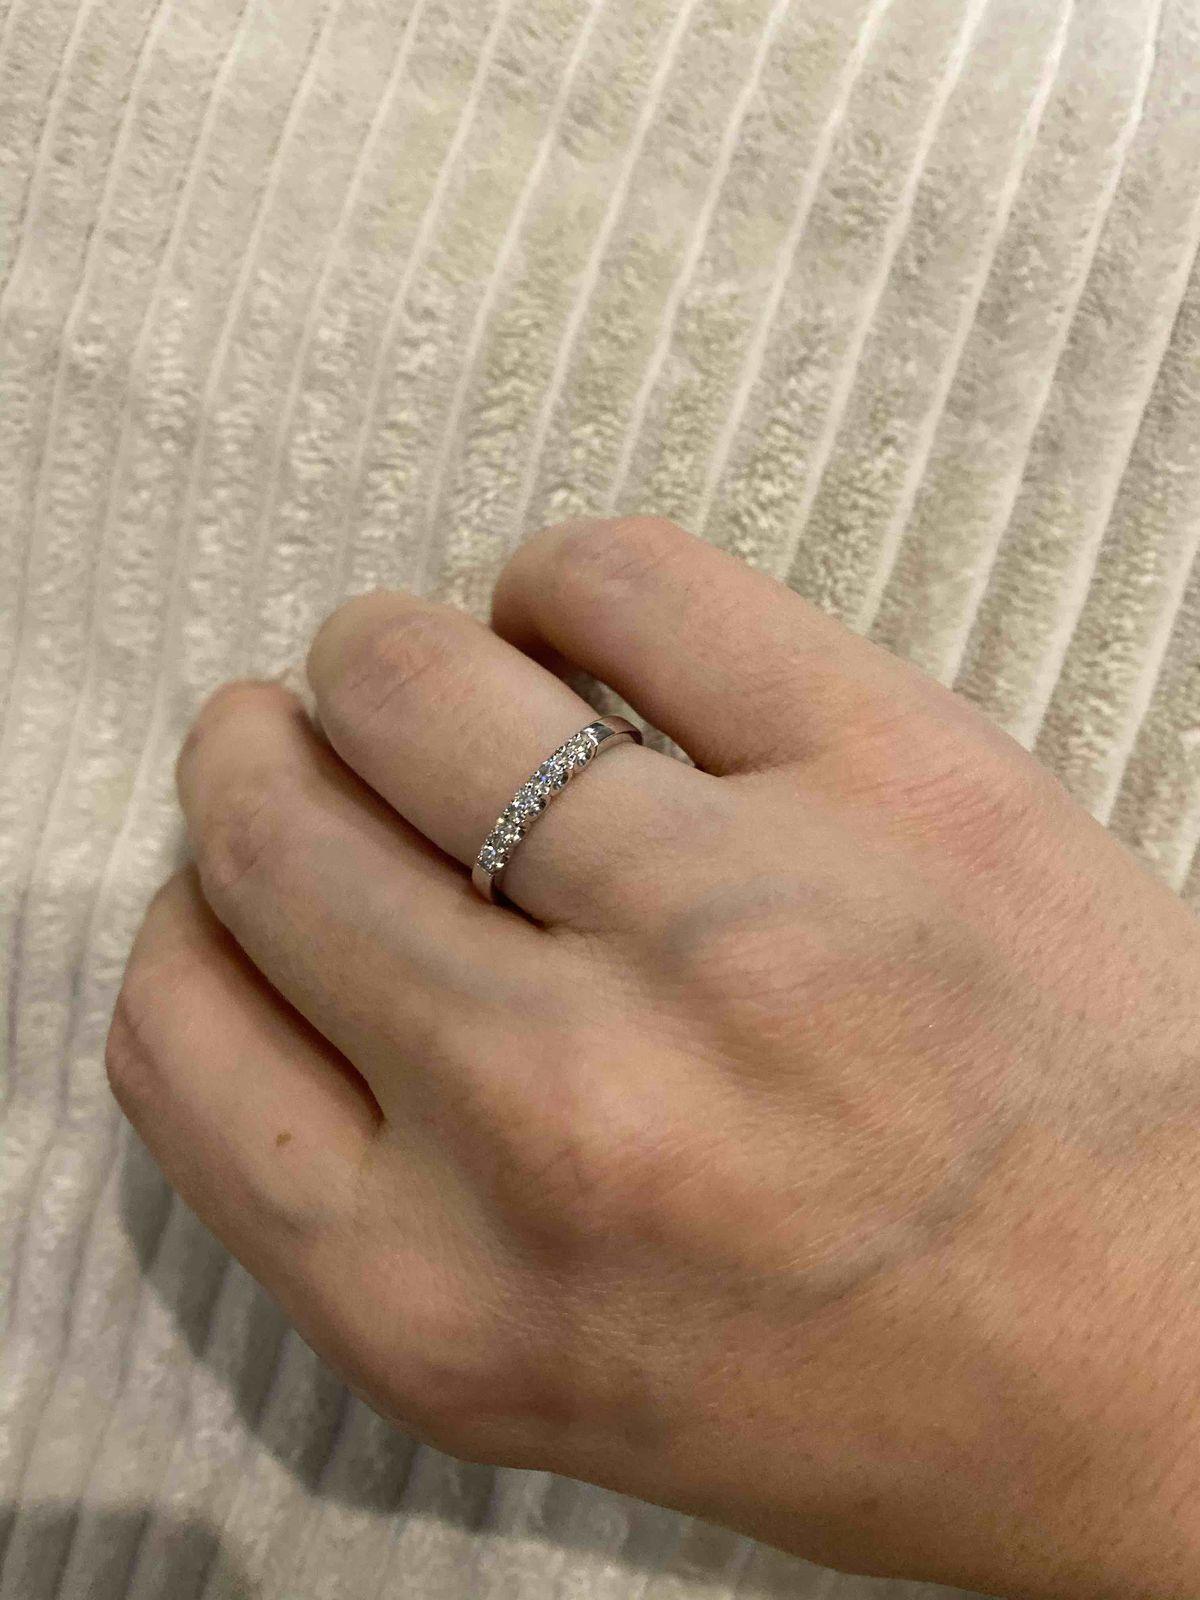 Сногсшибательное кольцо 😇